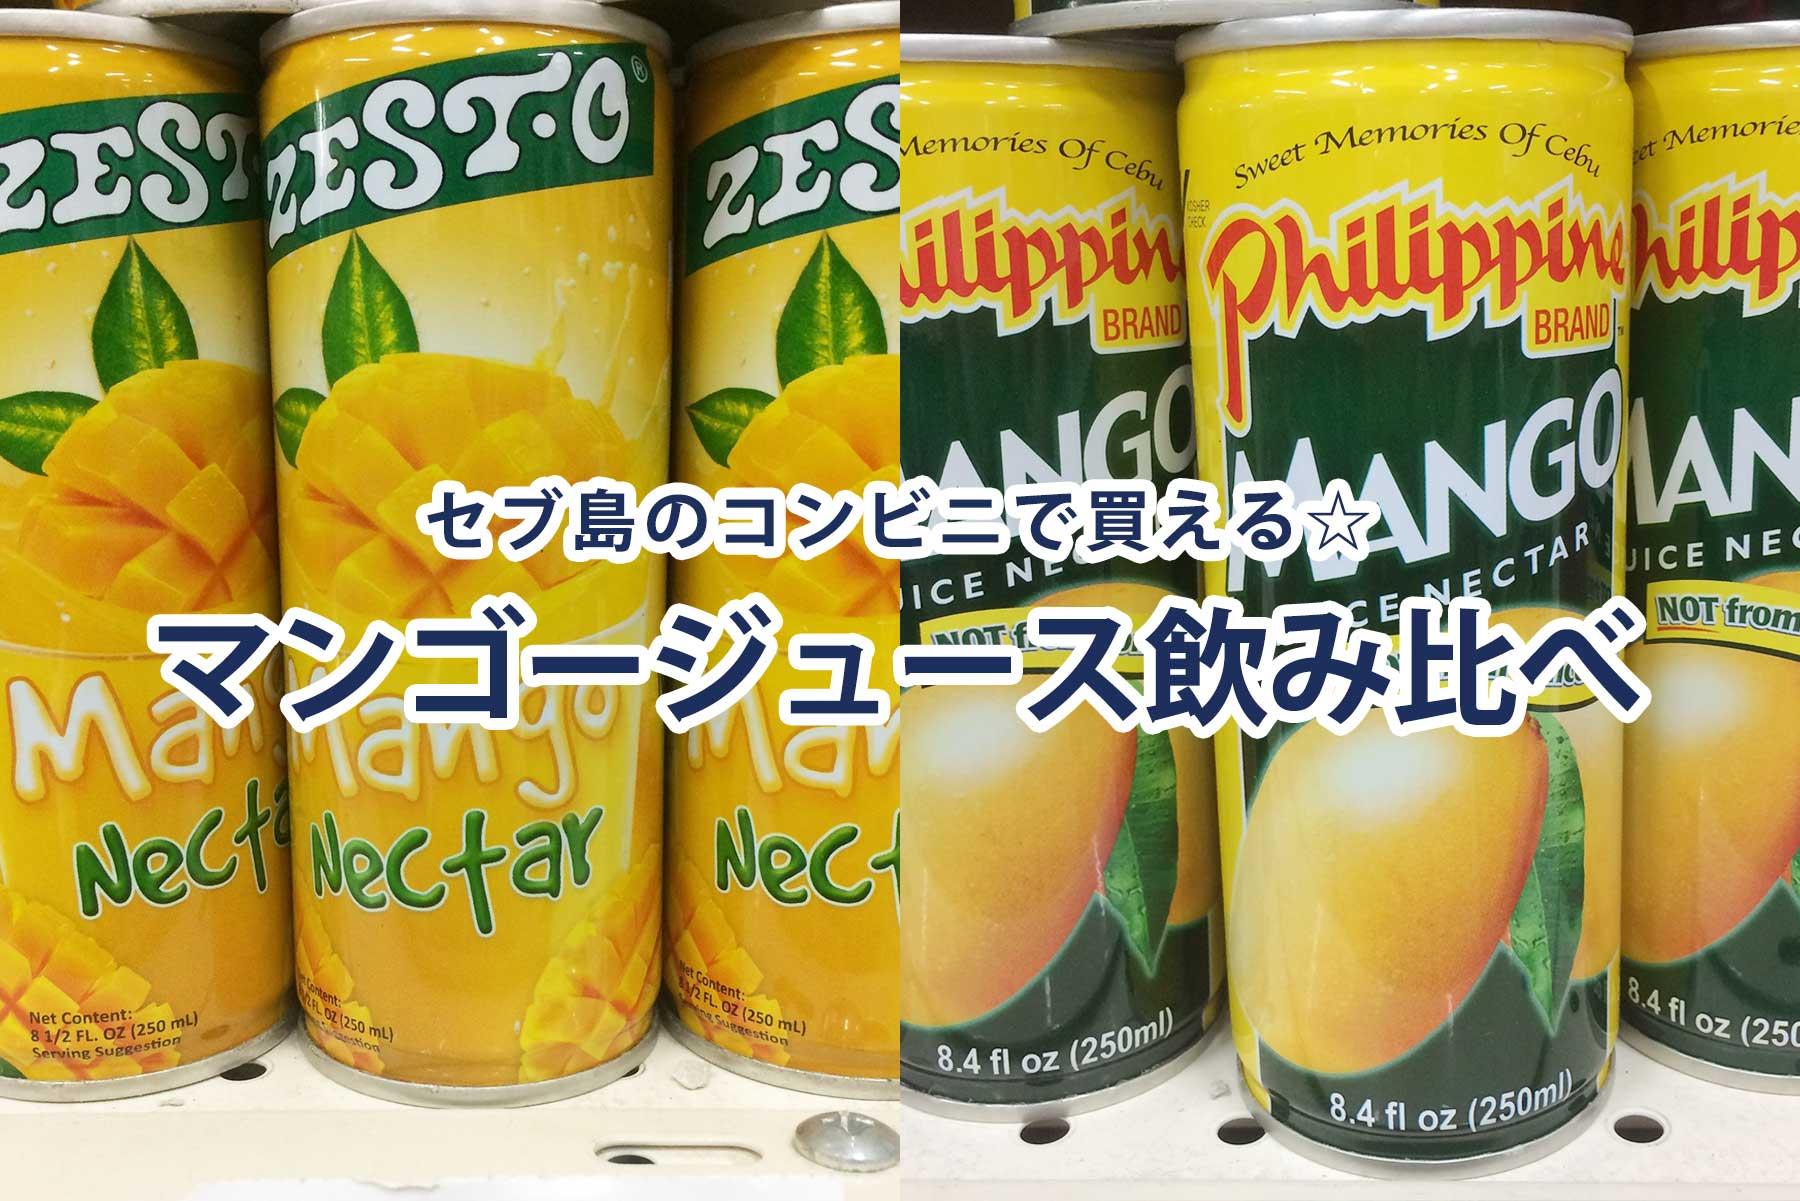 セブ島のマンゴージュースを飲み比べ